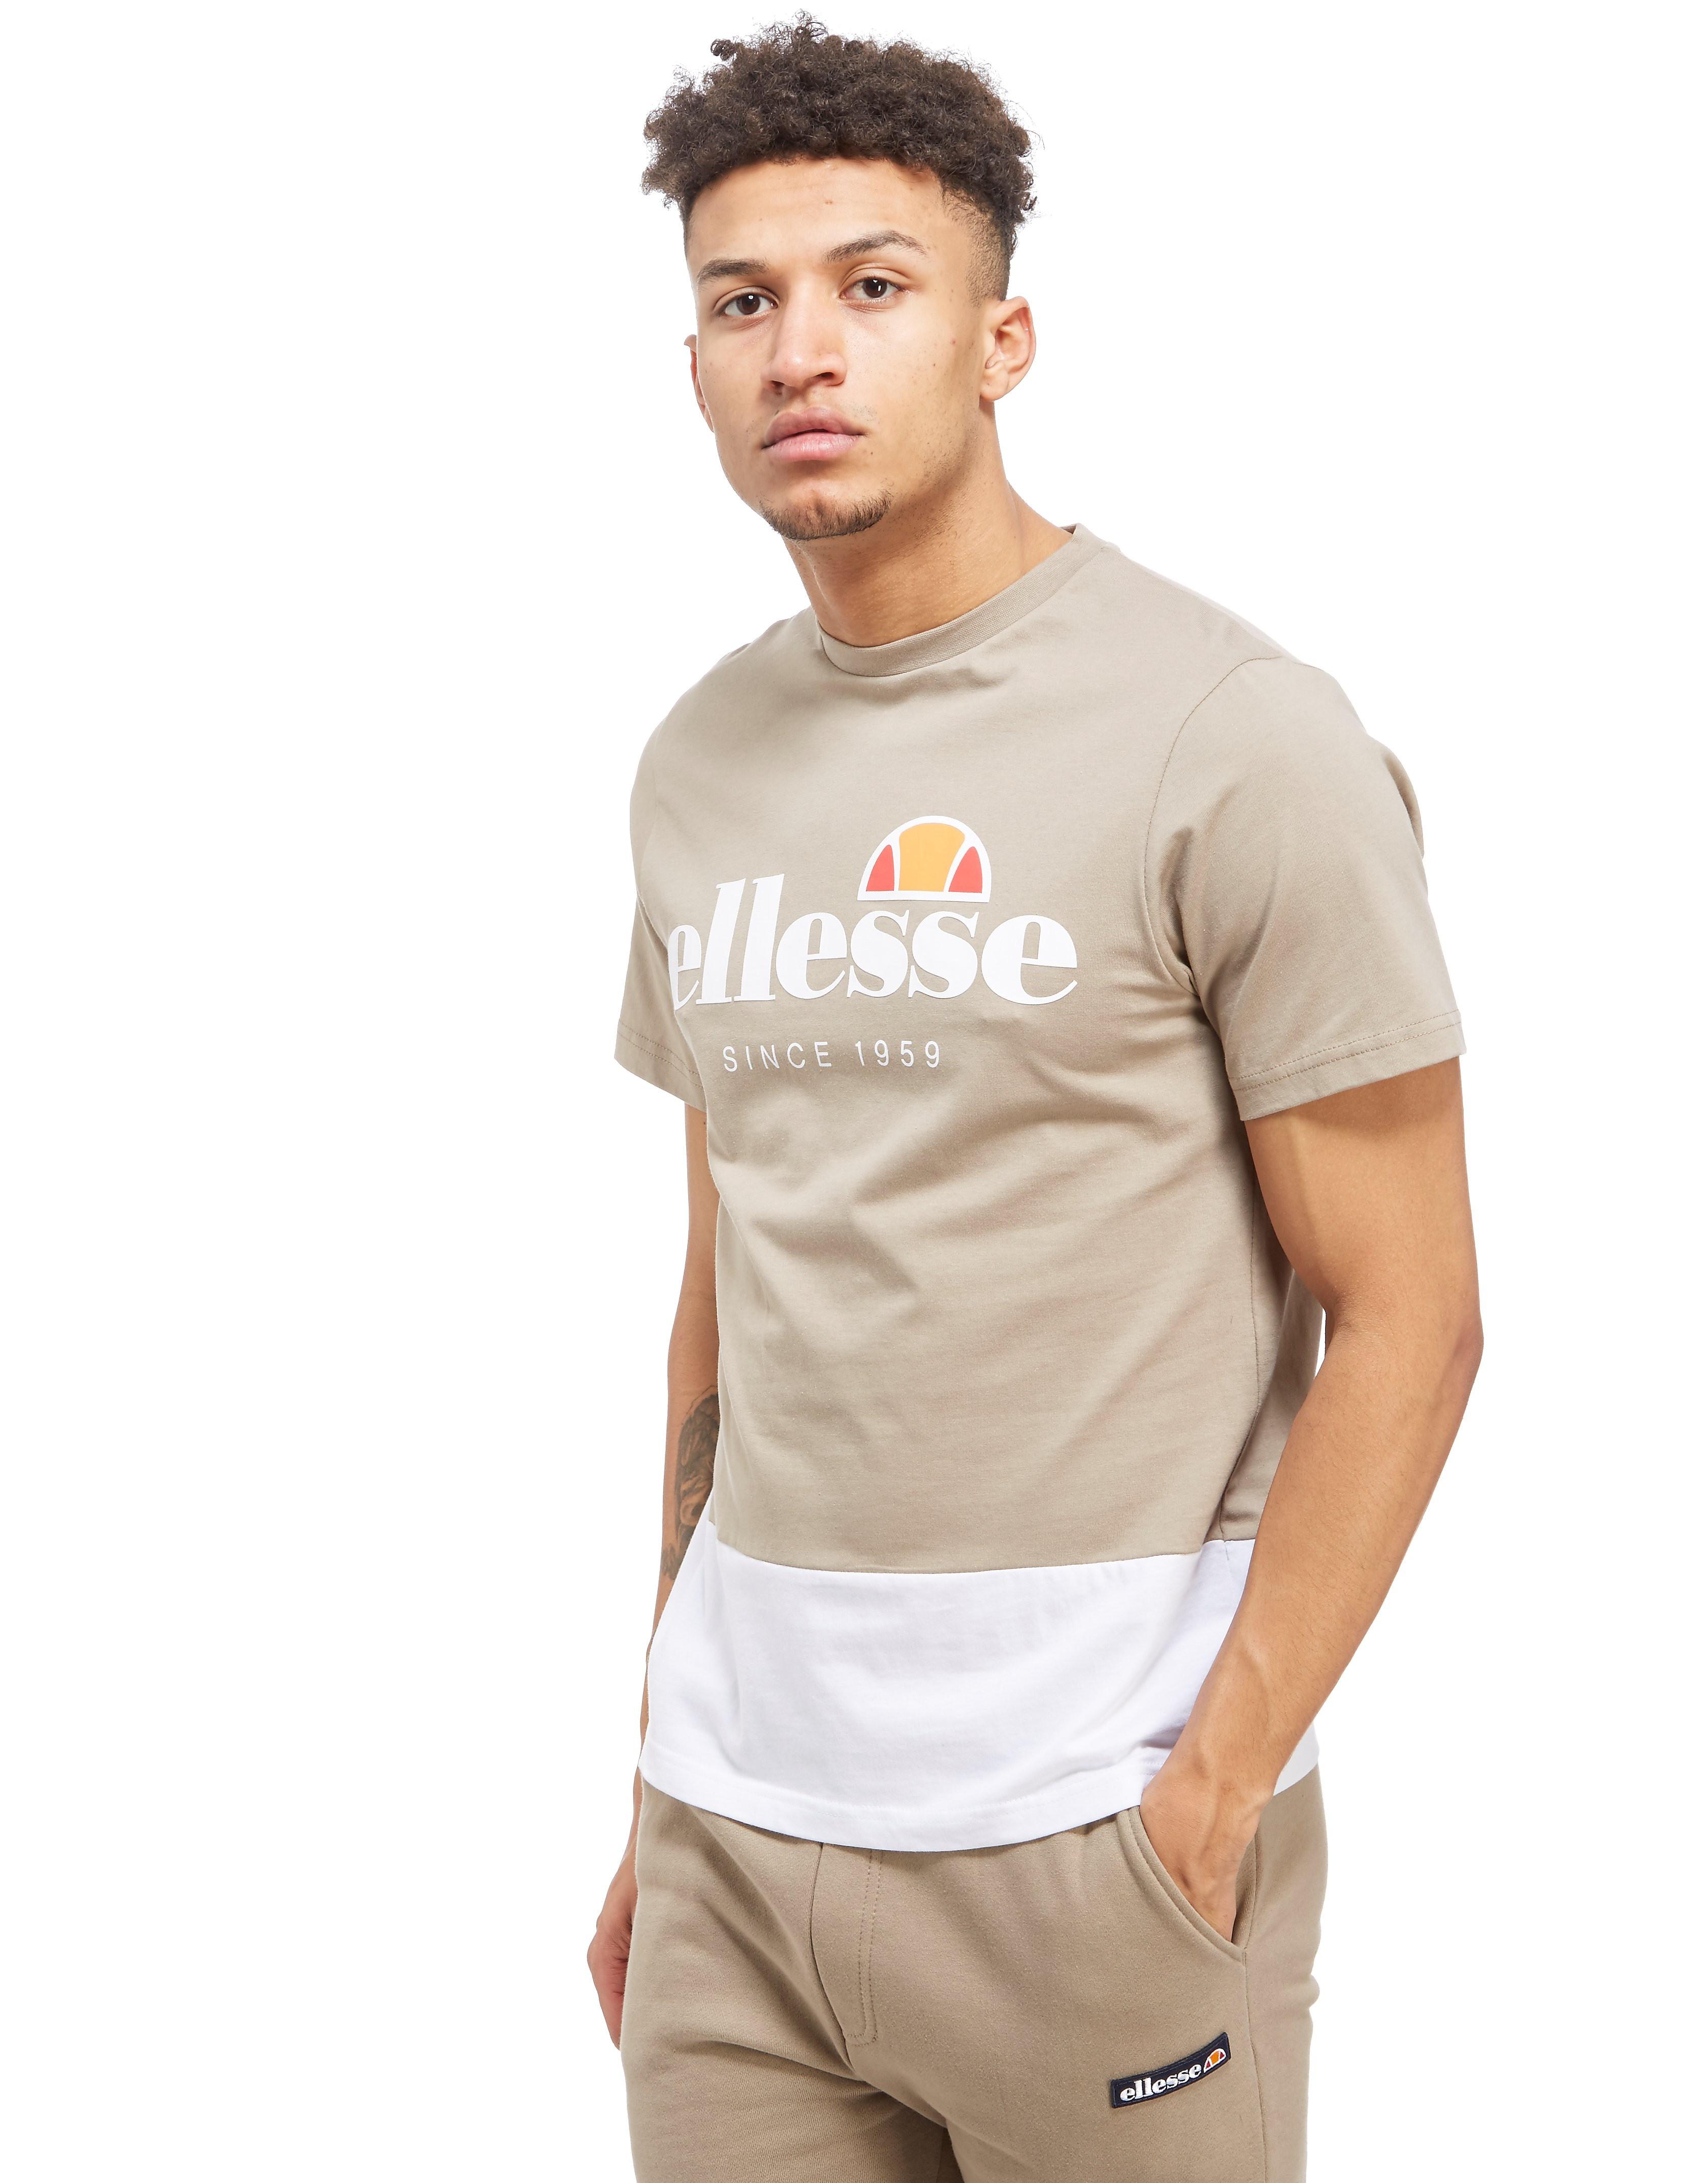 Ellesse Meriano Colour BlocK T-Shirt